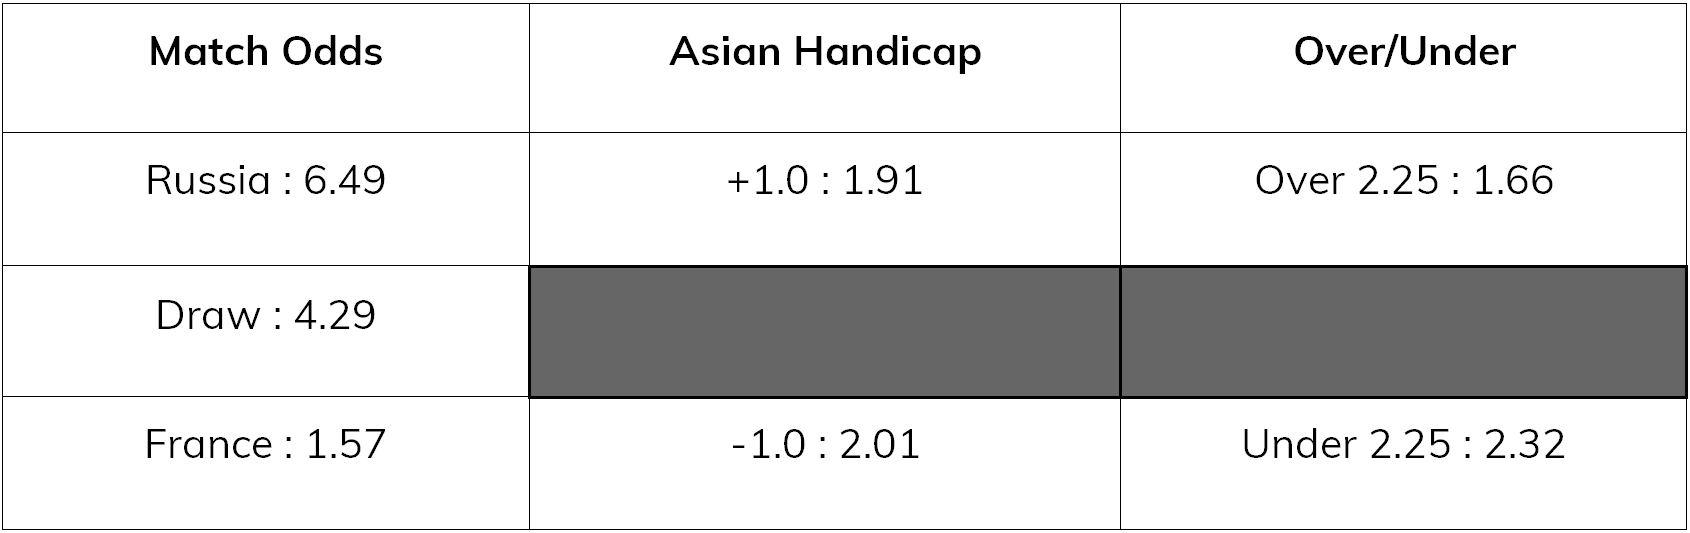 spain-v-russia-asian-handicap-010718-eastbridge6